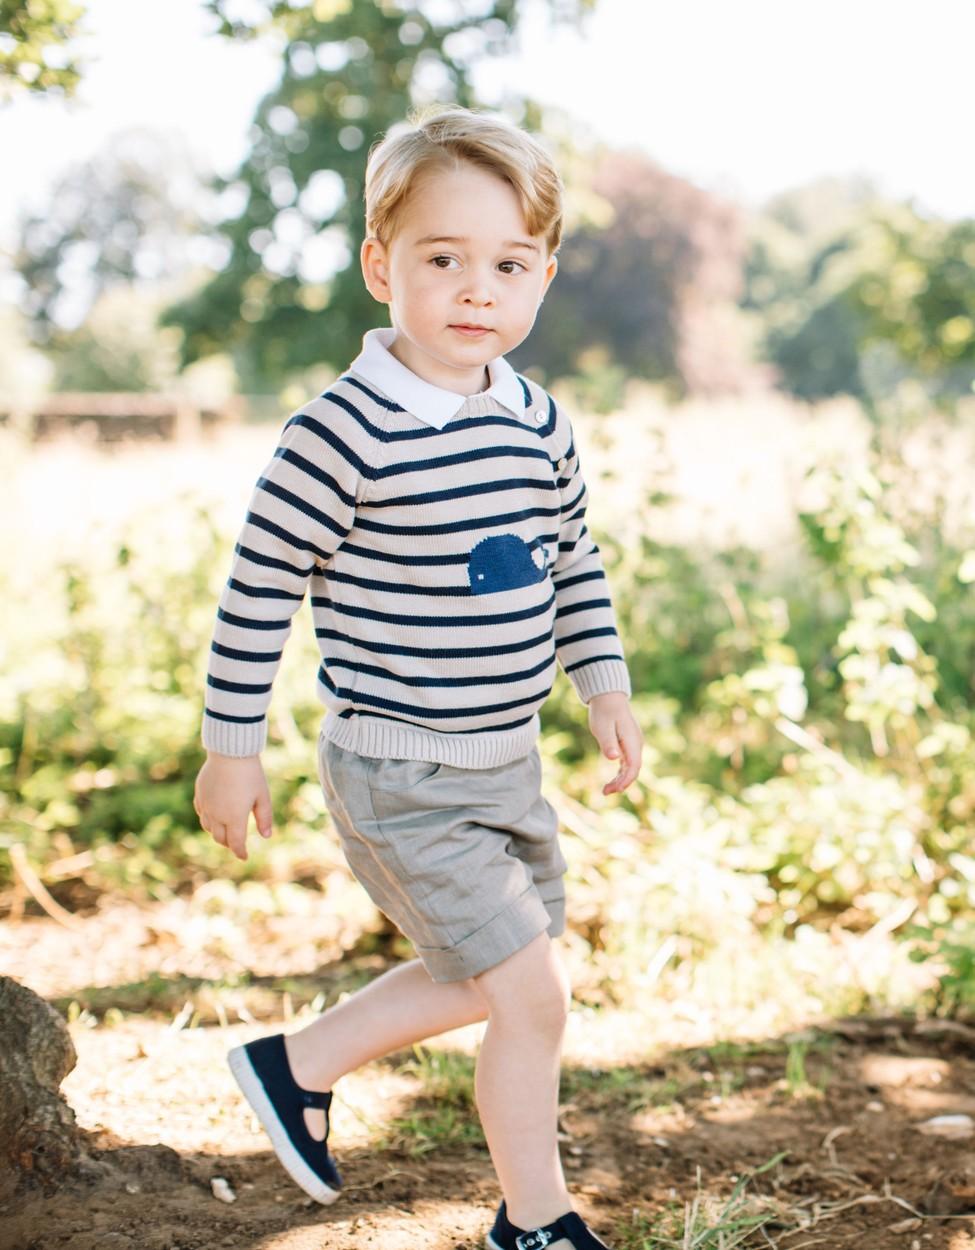 Friss fotók György hercegről - megzabálod, olyan édes